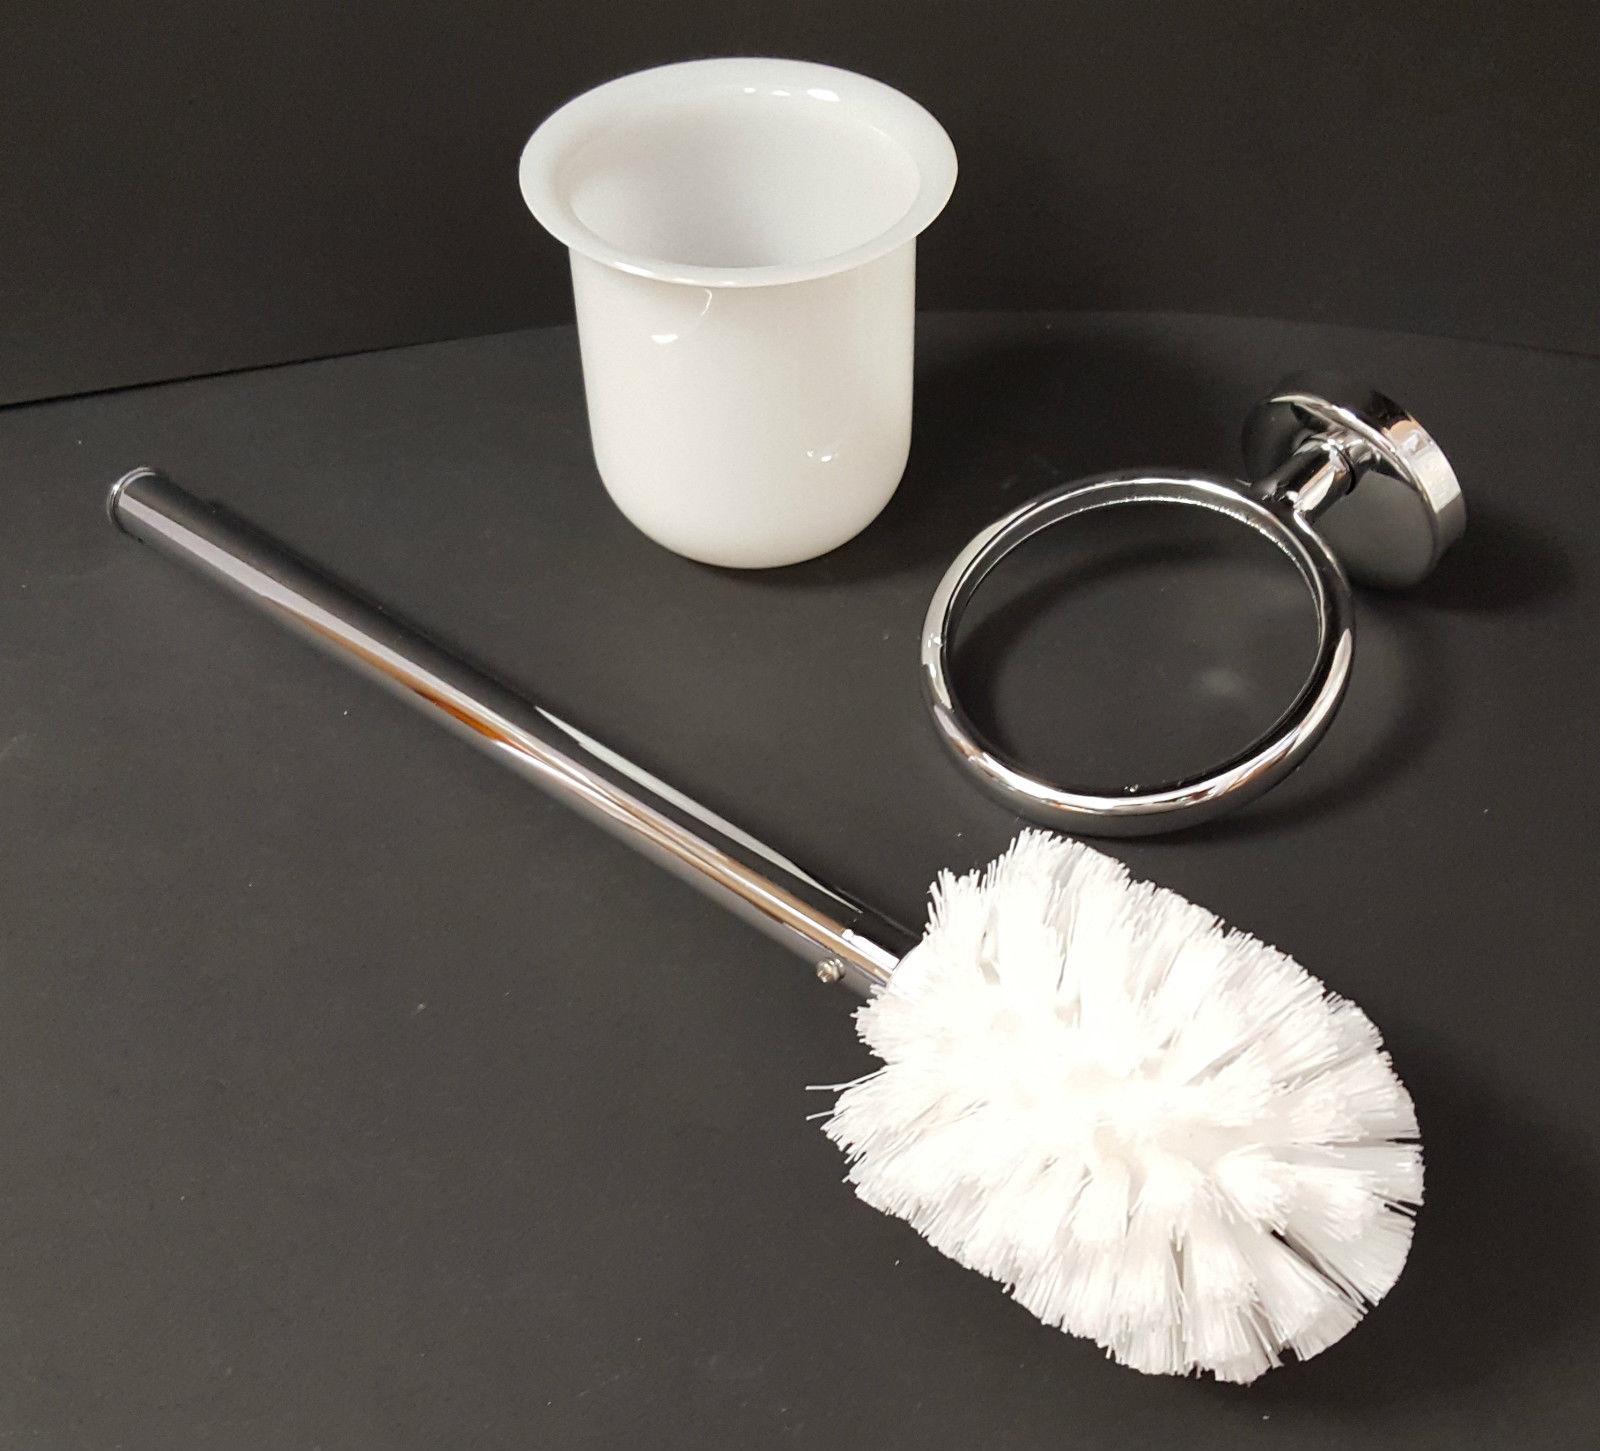 sanitaer wc b rstengarnitur h ngend mit kunststoffeinsatz elegantes design verchromt. Black Bedroom Furniture Sets. Home Design Ideas